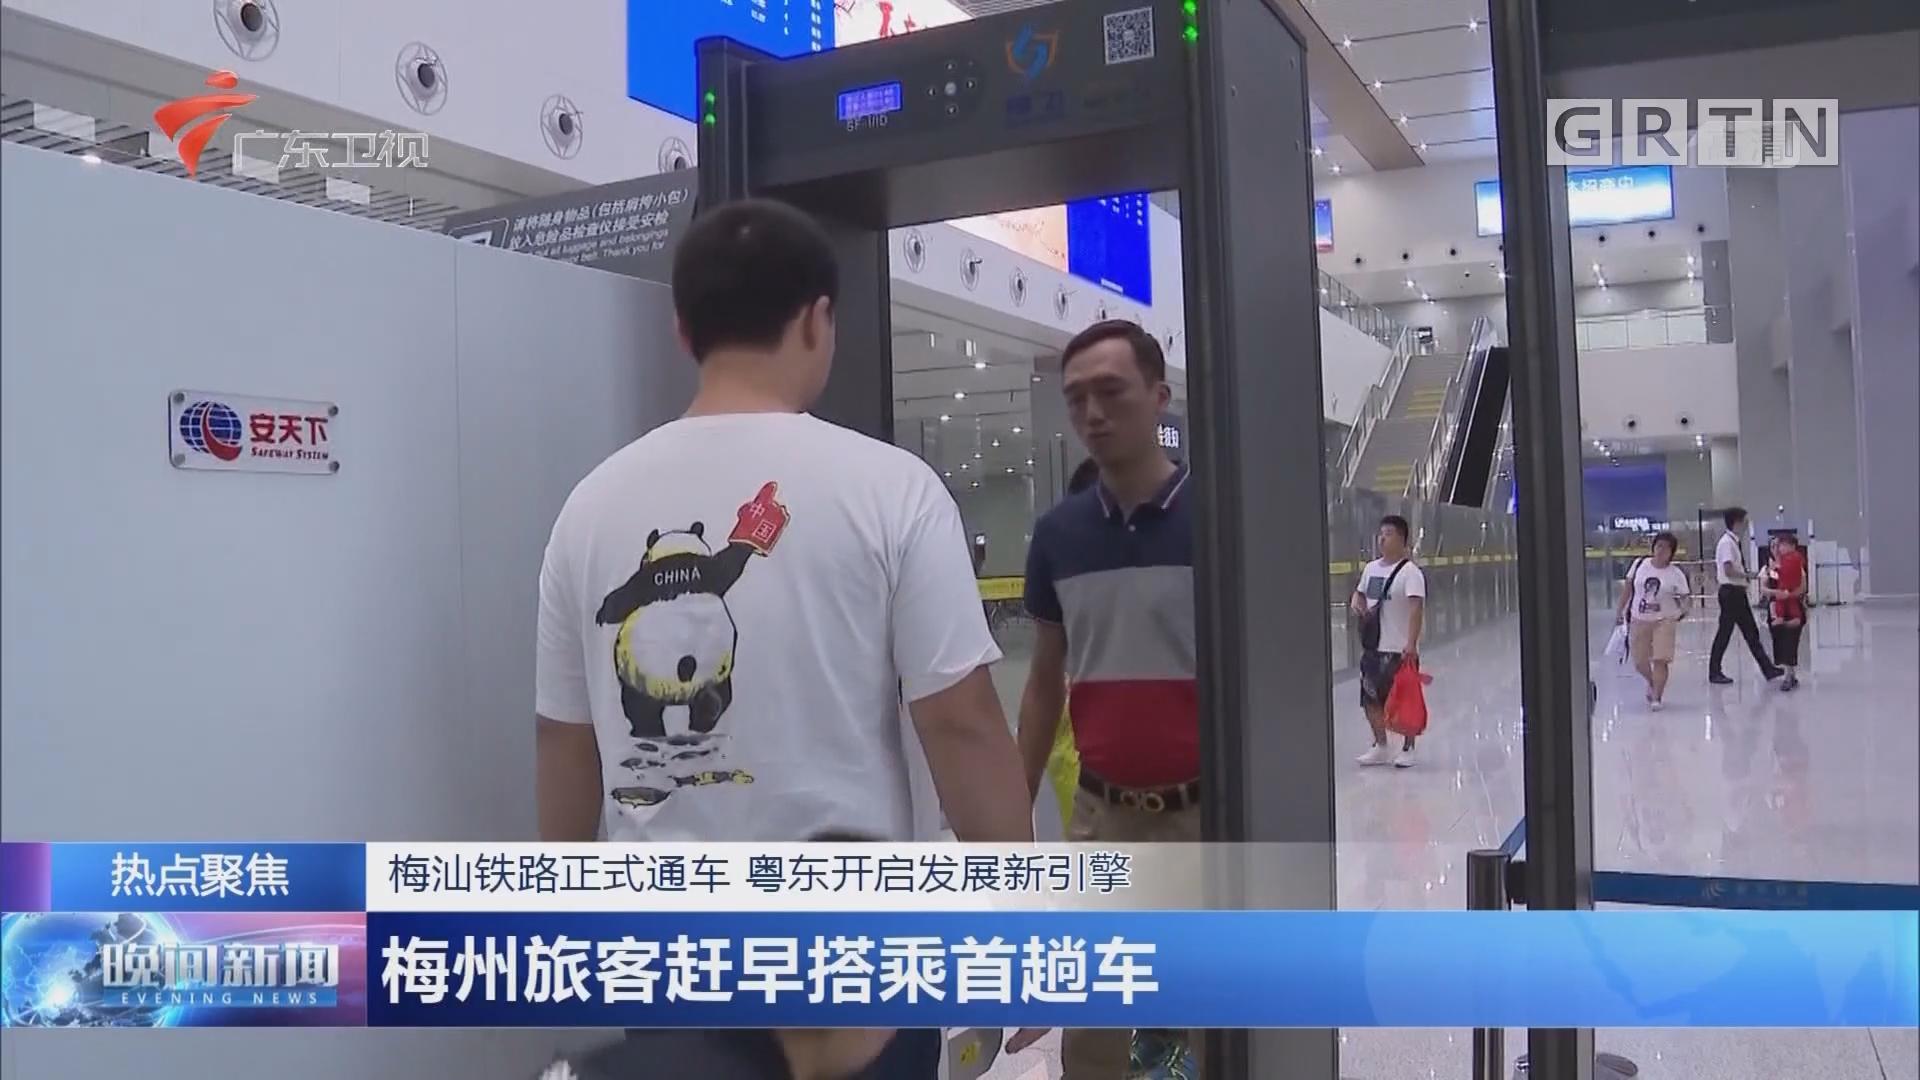 梅汕铁路正式通车 粤东开启发展新引擎 梅州旅客赶早搭乘首趟车